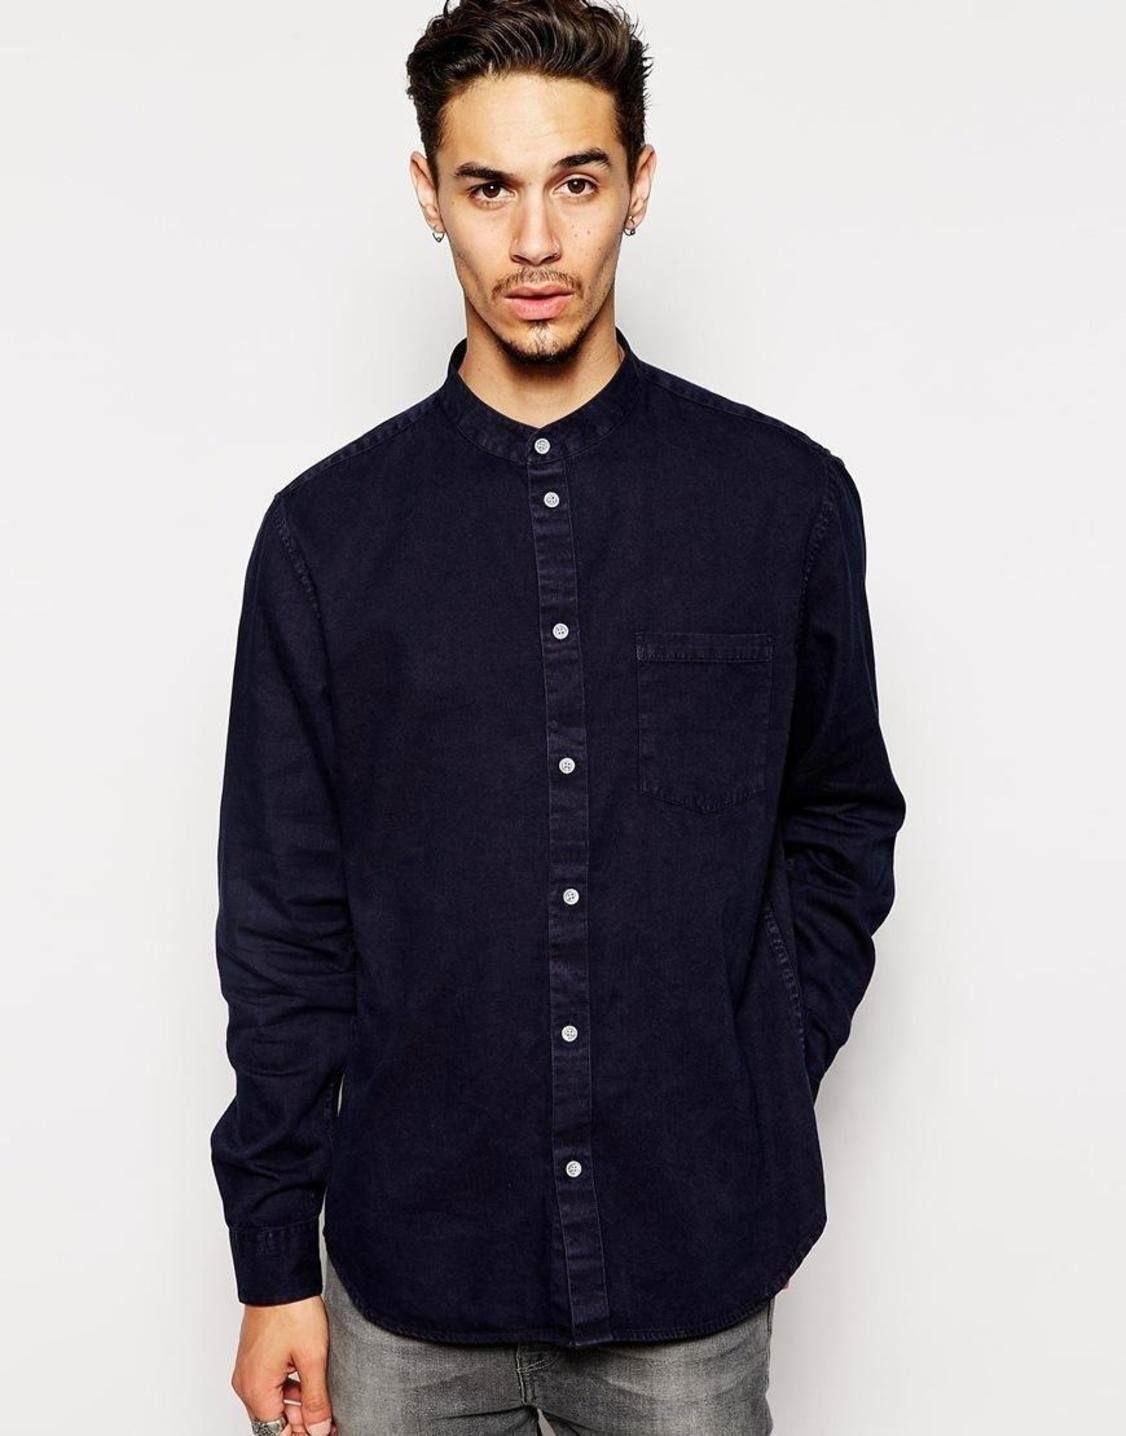 Черная рубашка на выпуск